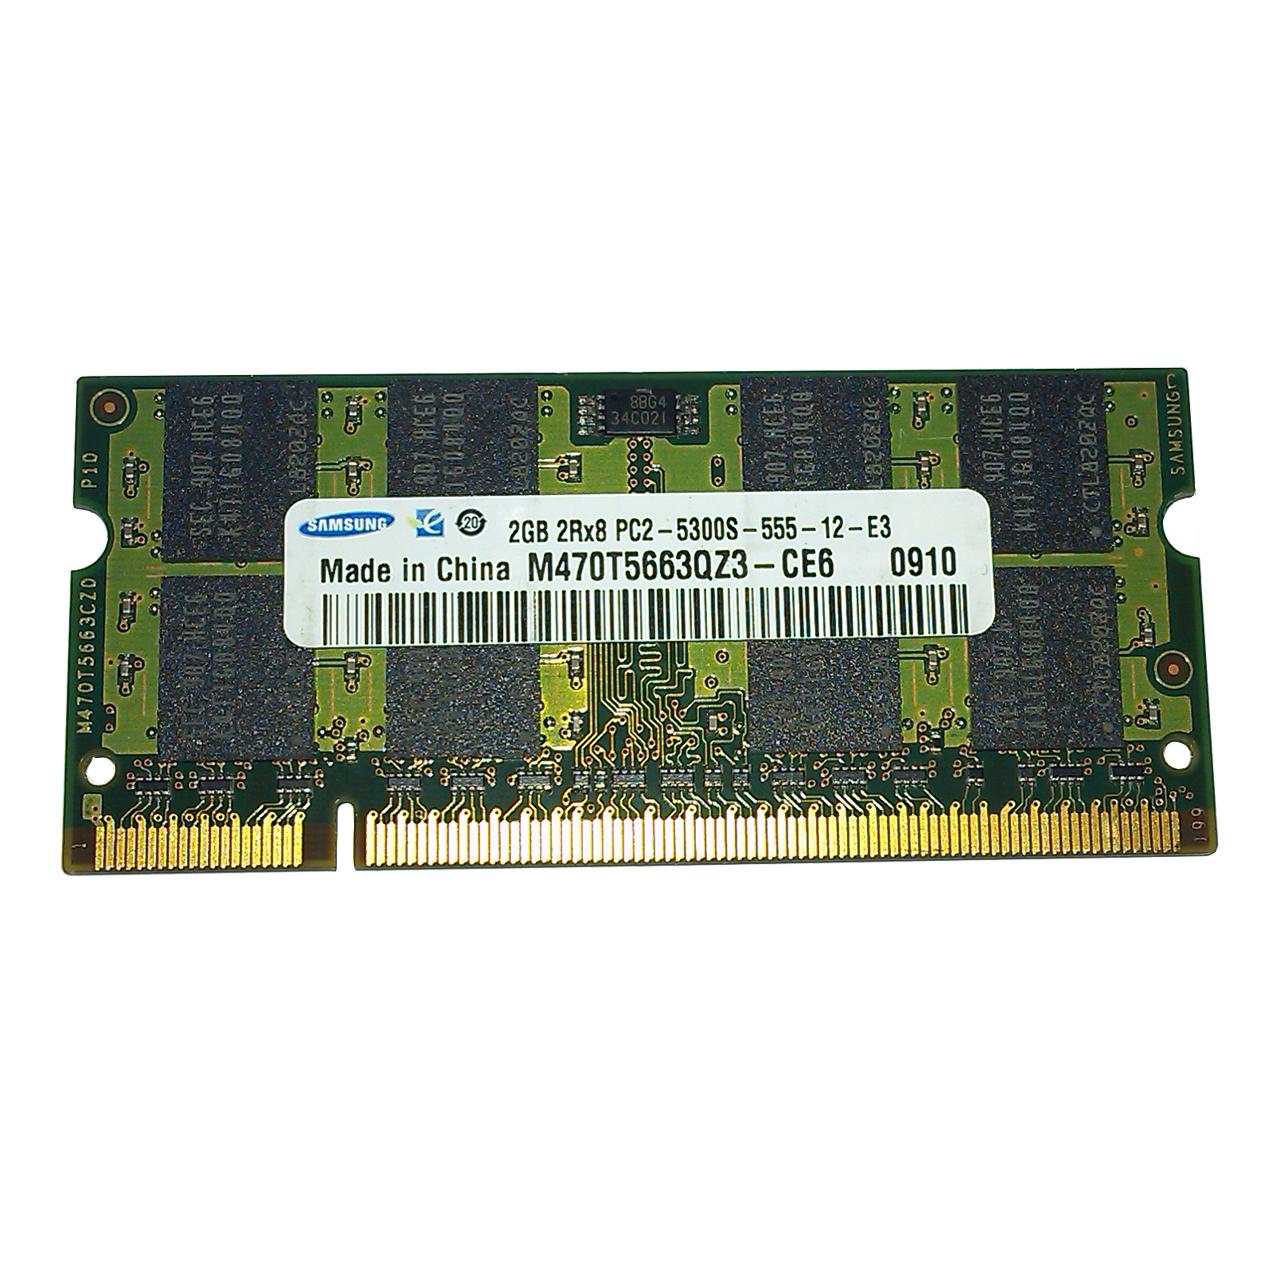 رم لپ تاپ سامسونگ مدل DDR2 PC2 5300S  ظرفیت 2 گیگابایت